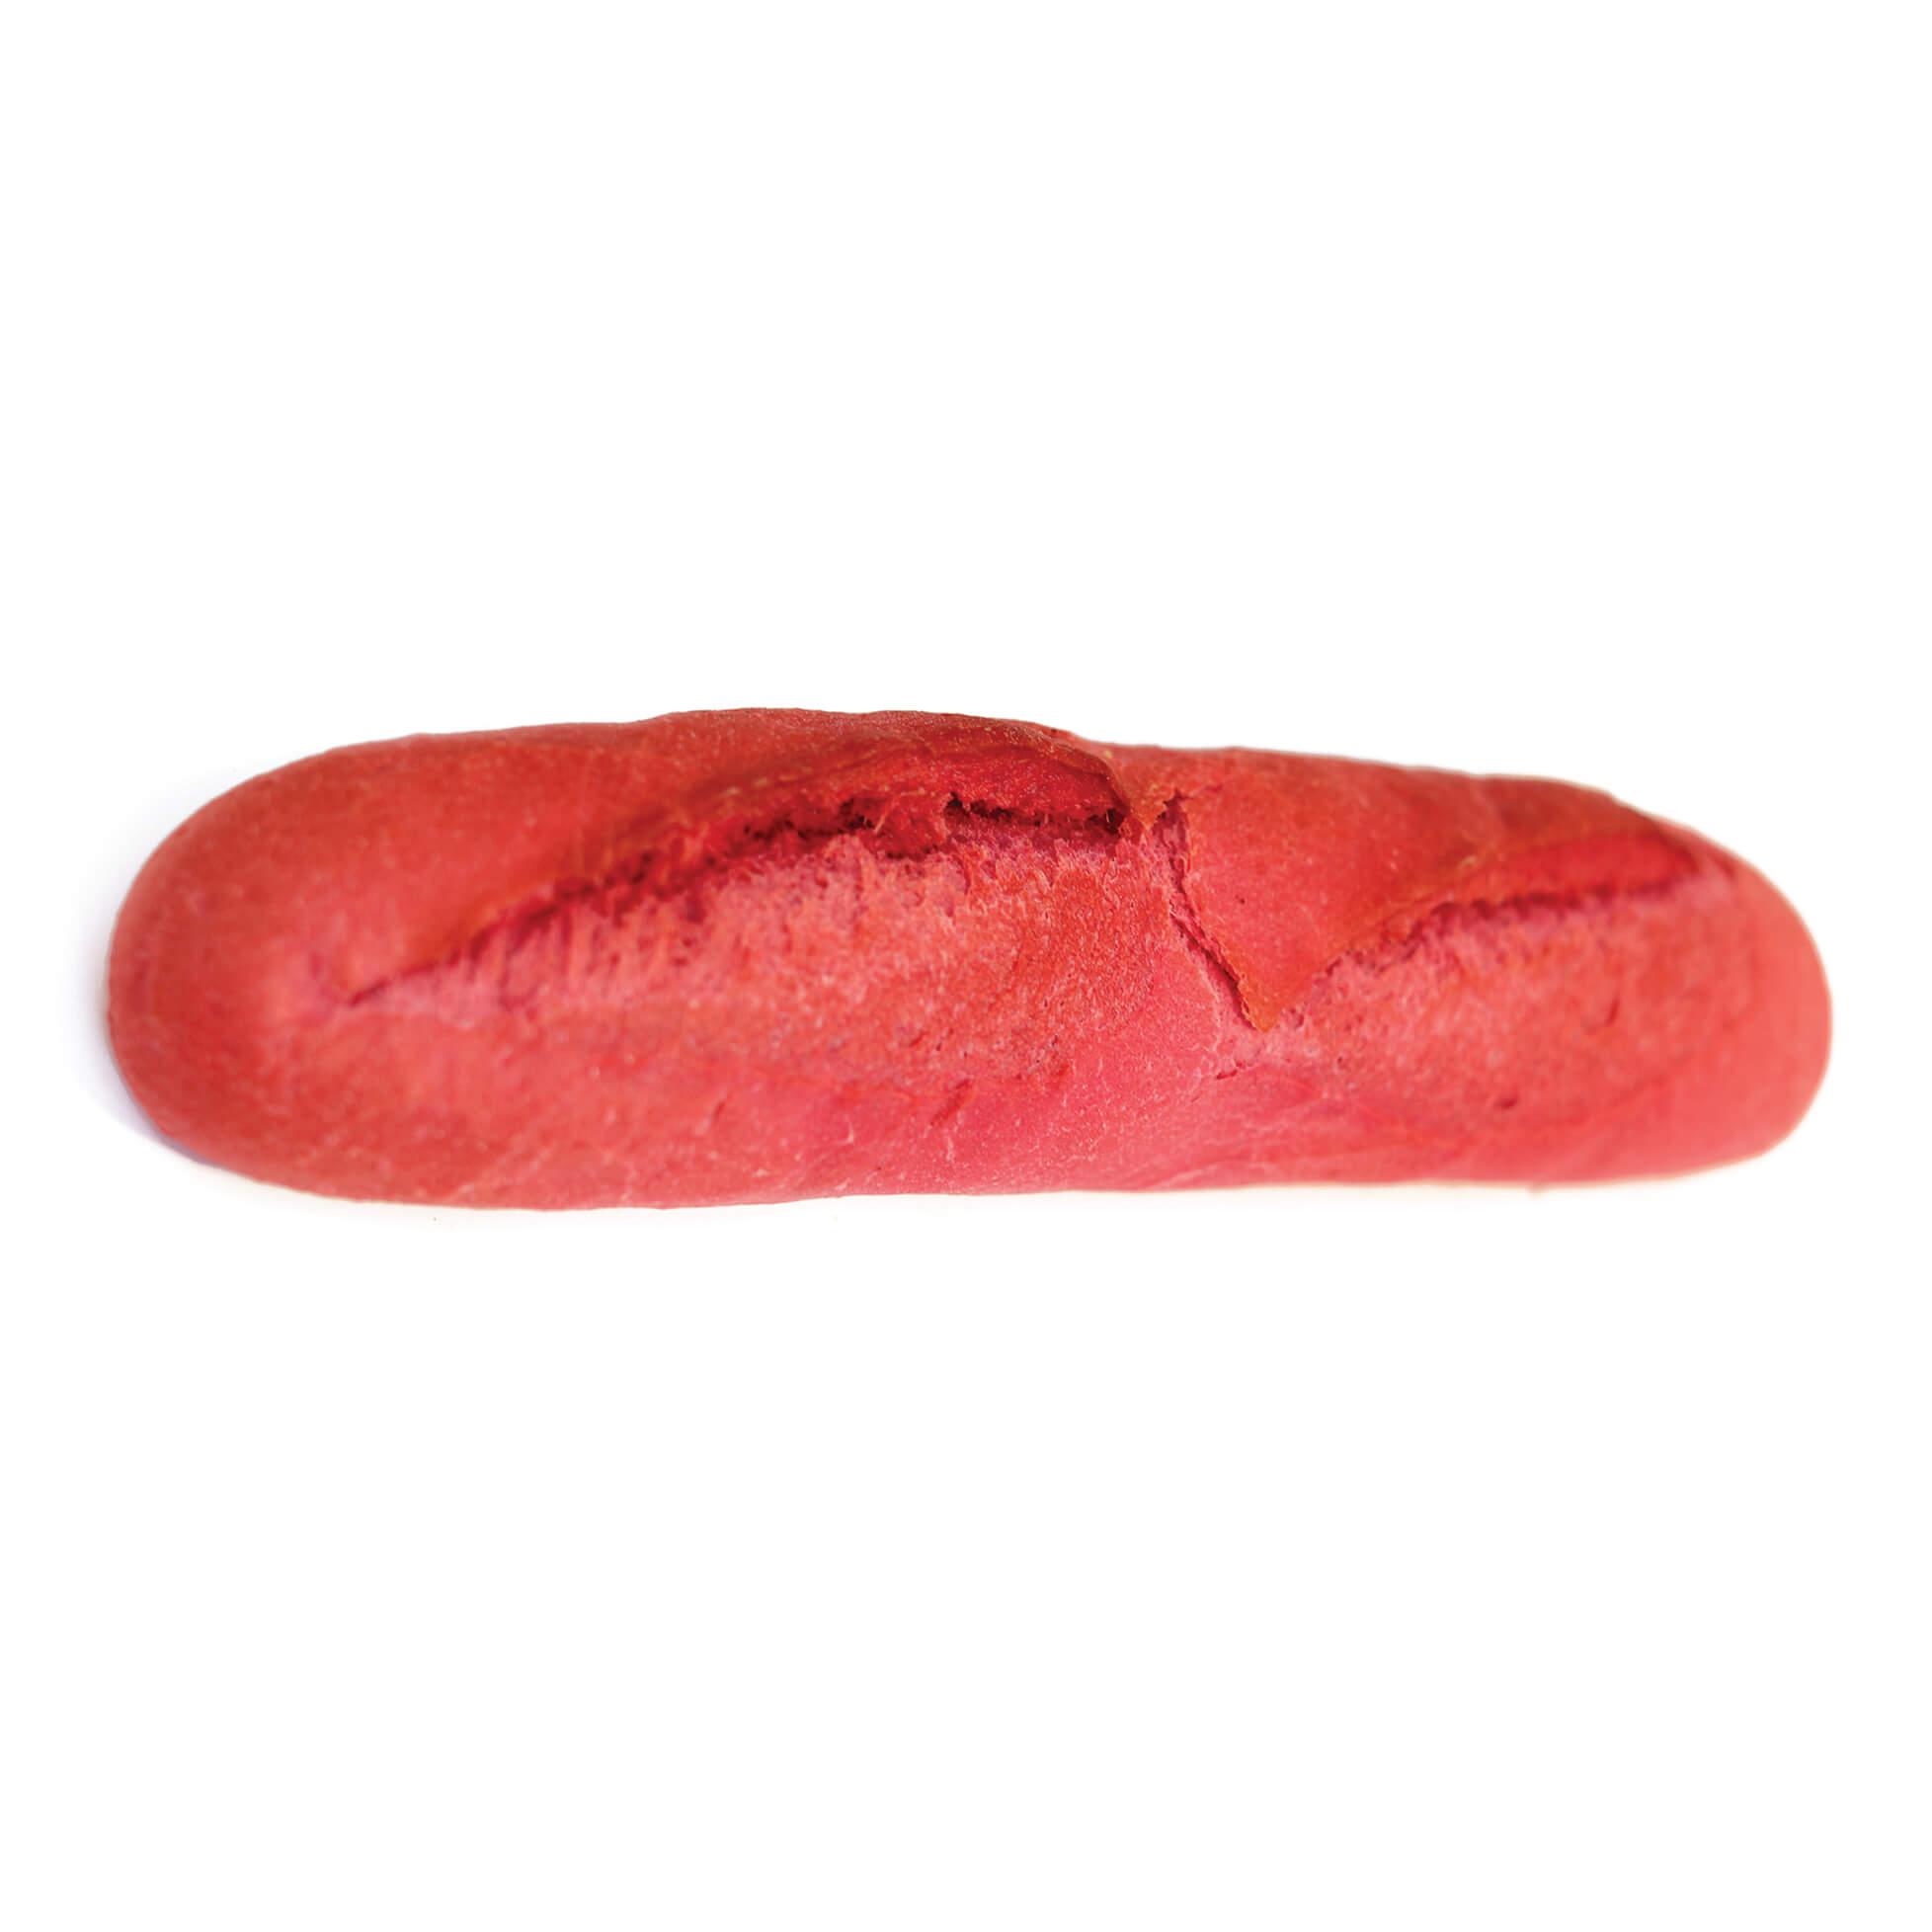 Mittelmäßige Rote Beete Baguette